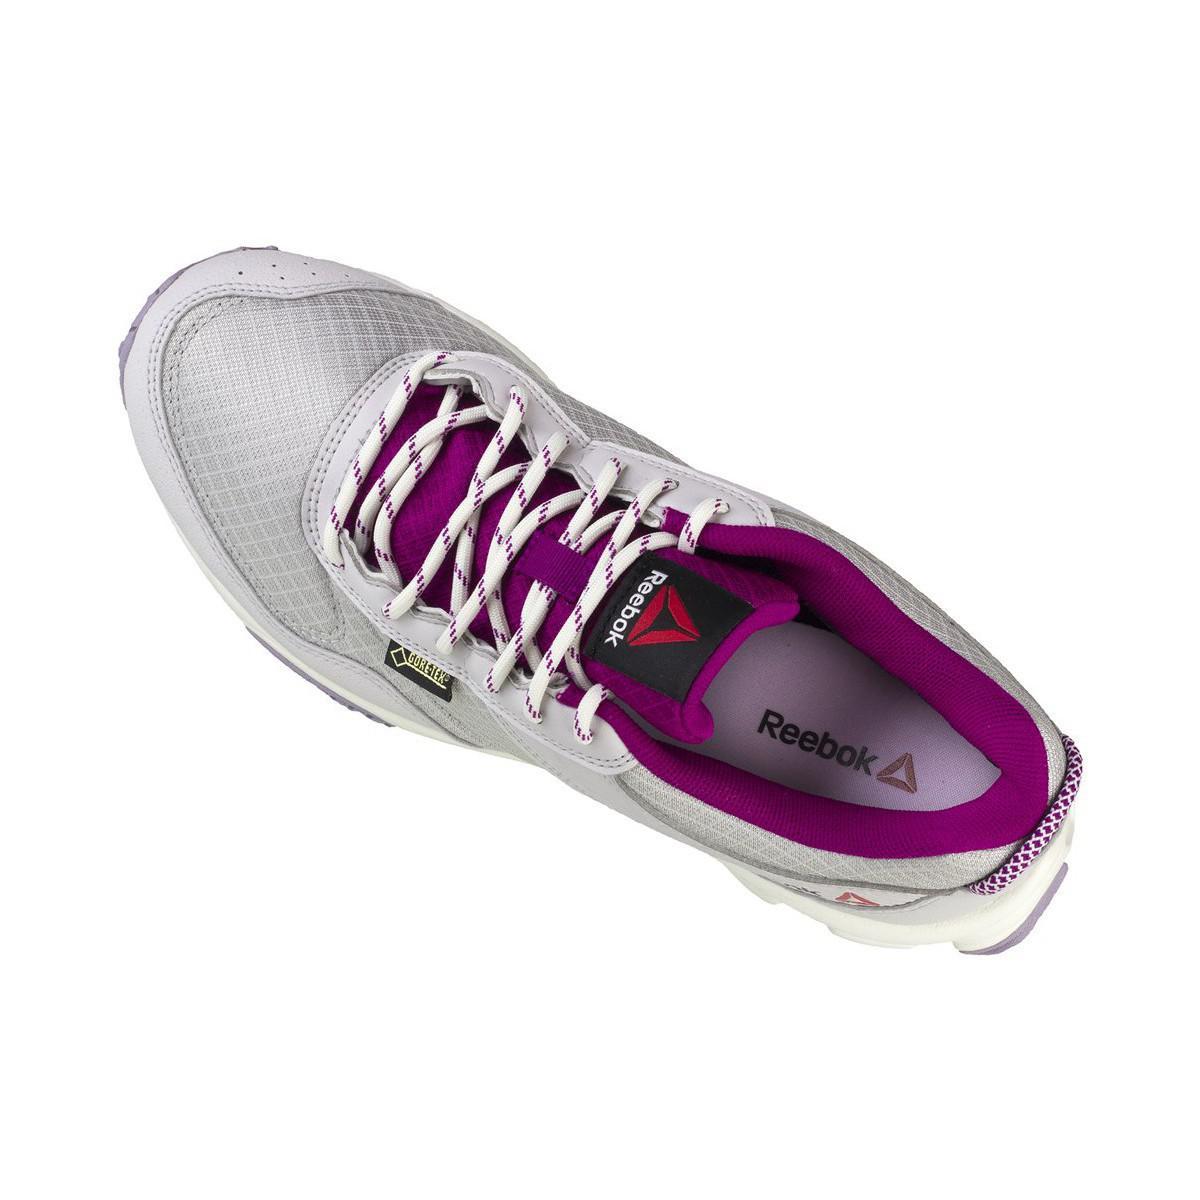 41436cae2d6 Reebok Franconia Ridge Ii Gtx Women's Shoes (trainers) In Grey in ...